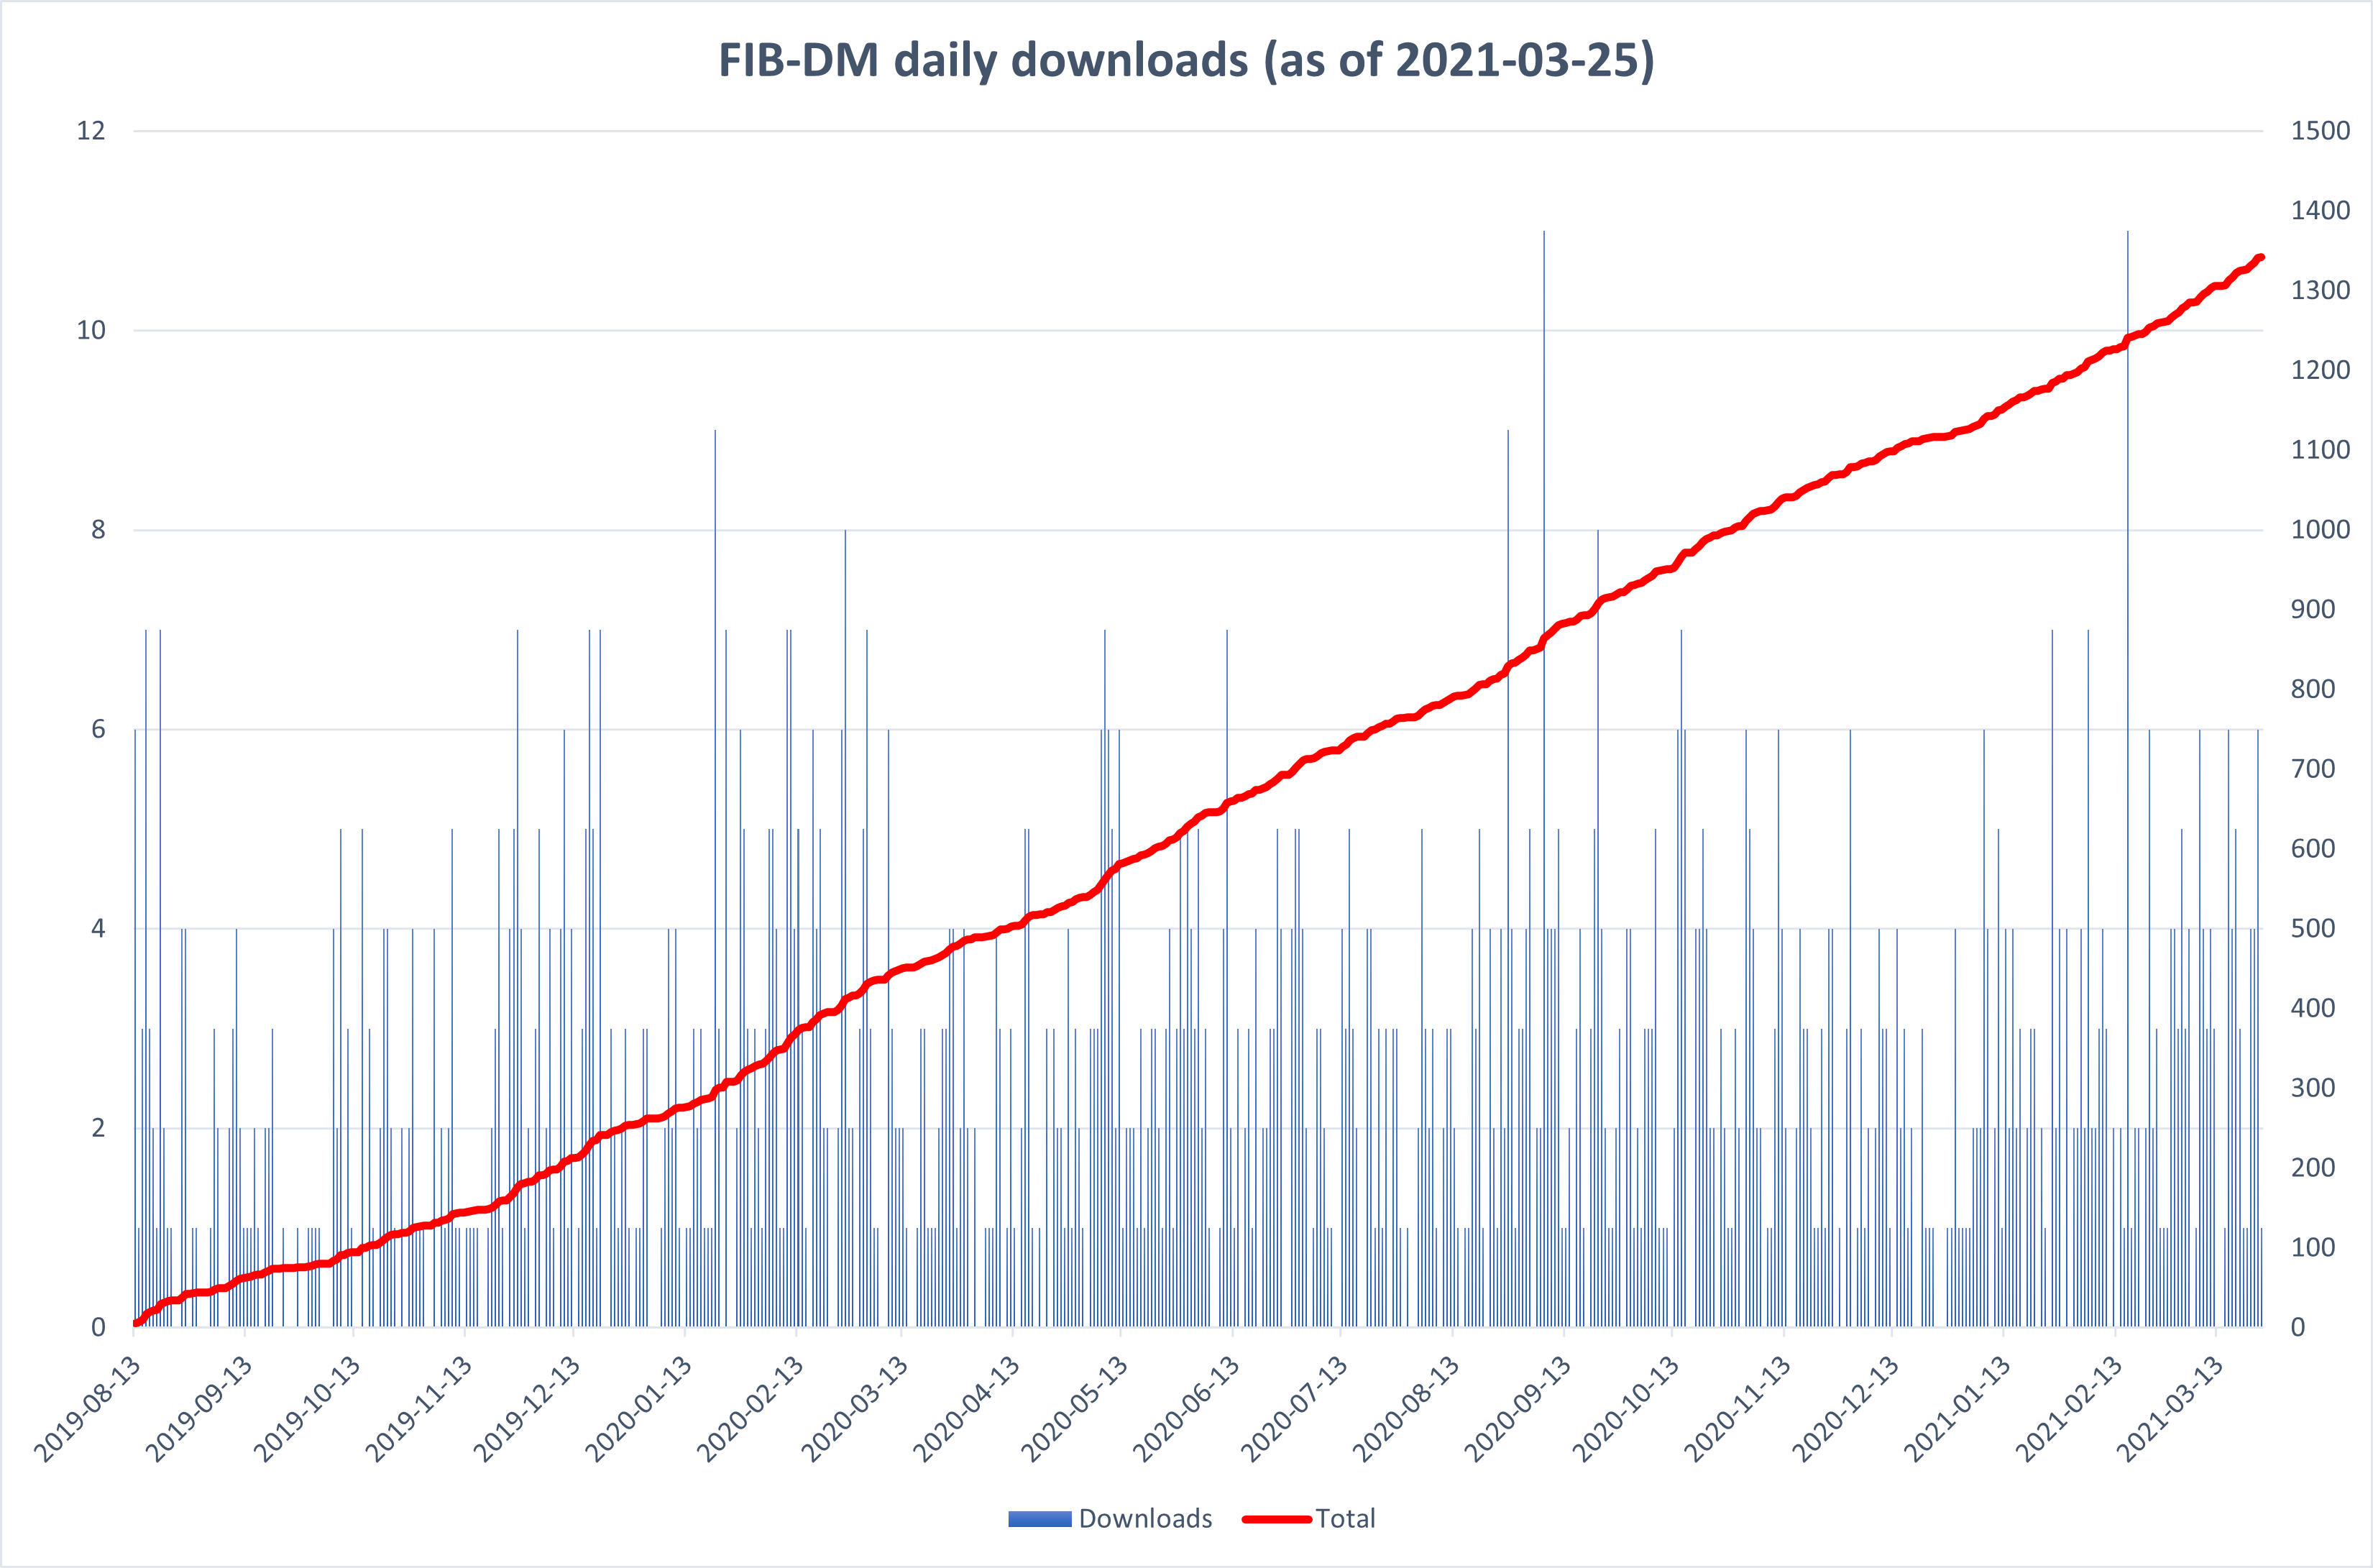 FIB-DM daily downloads (column chart)